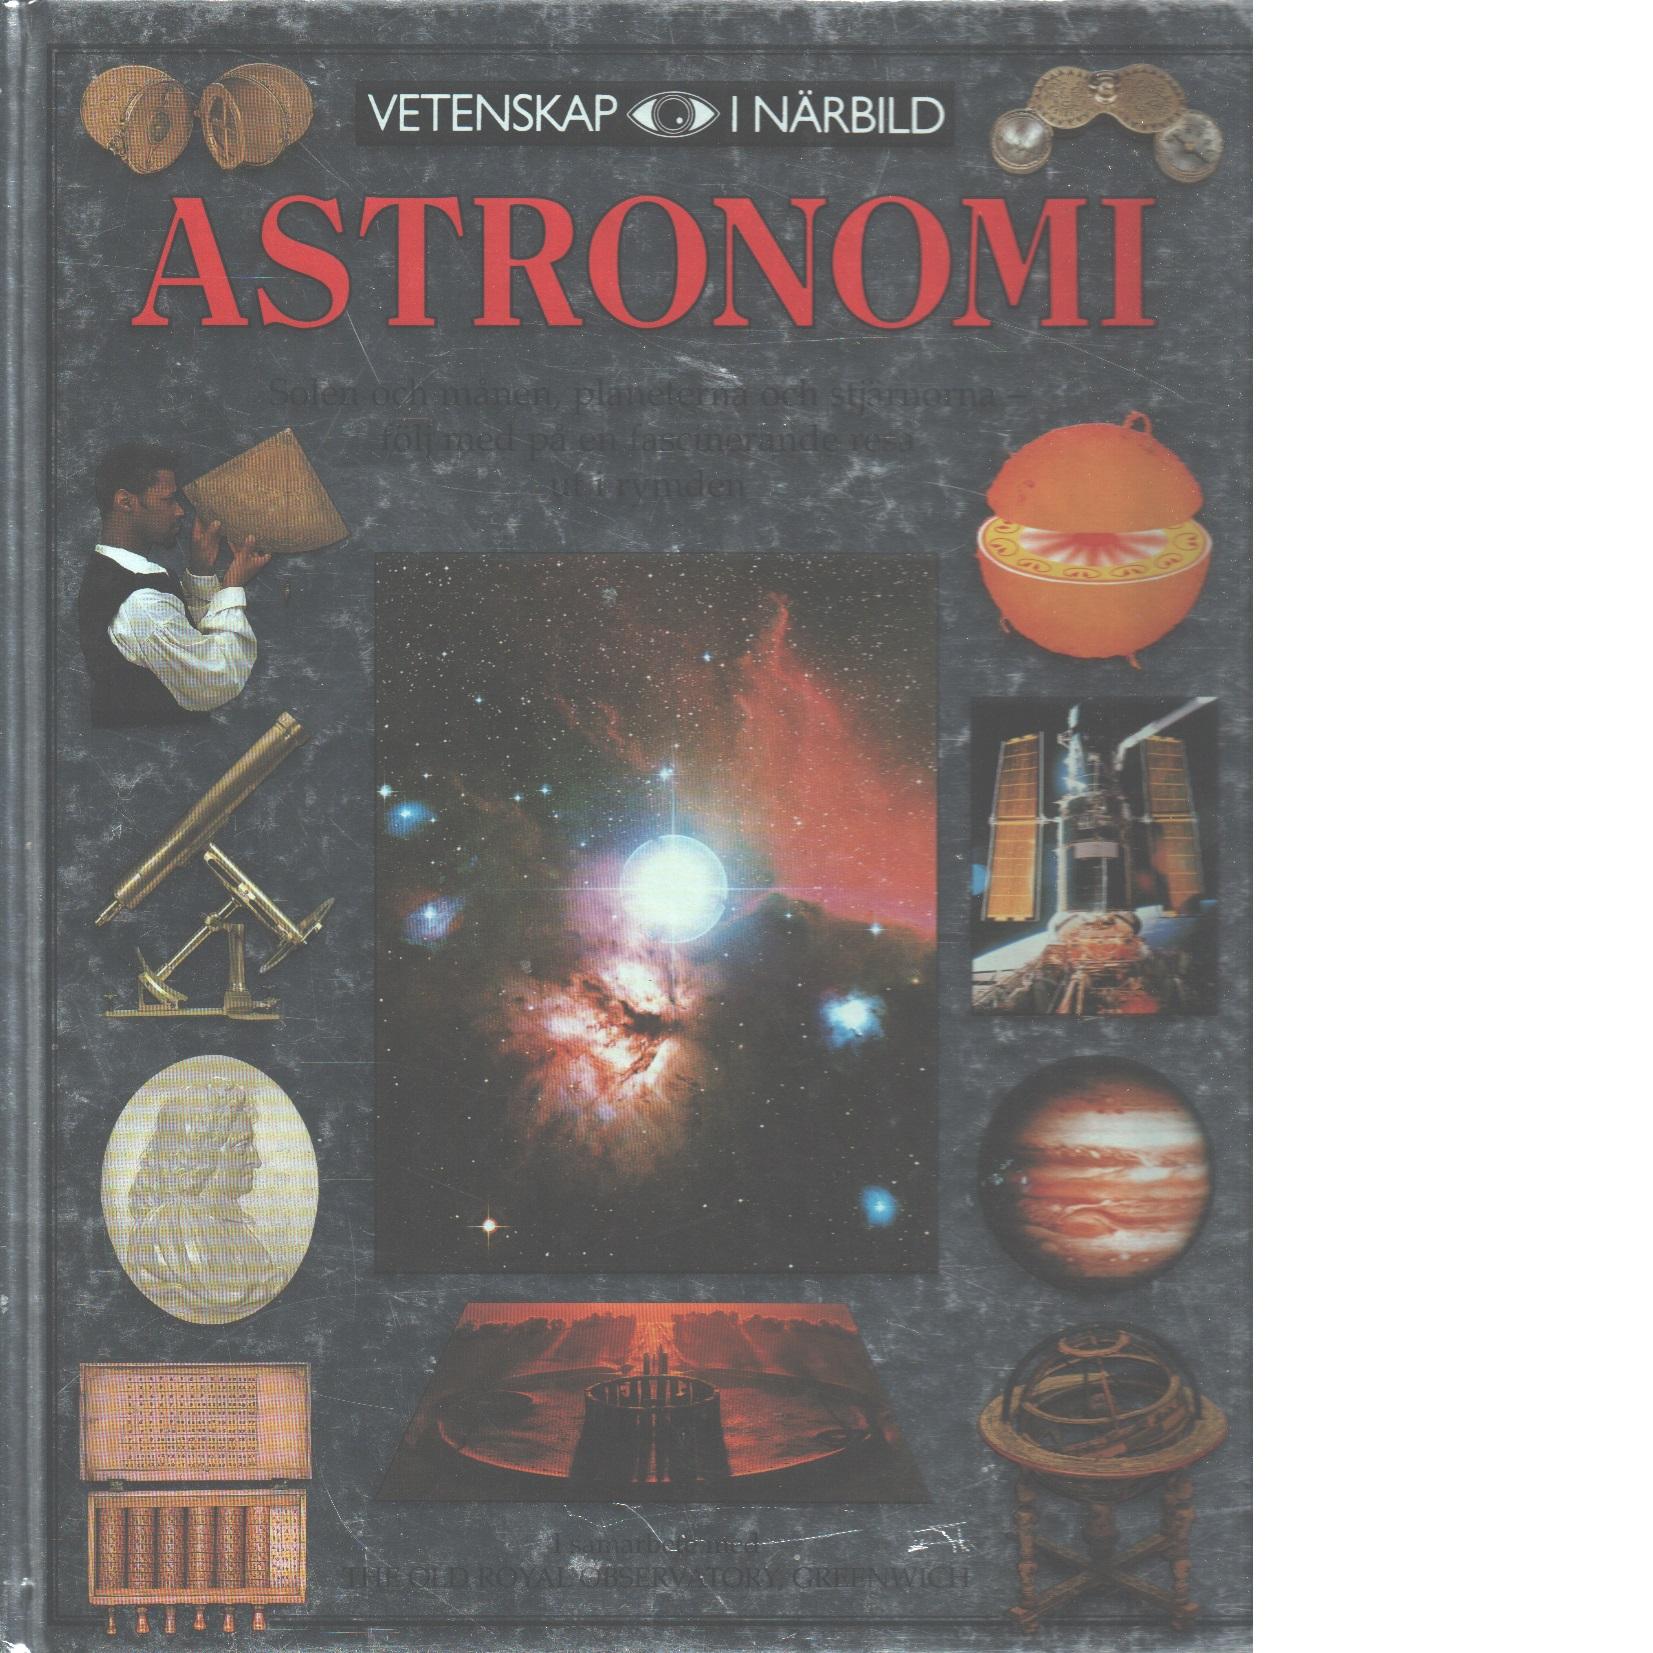 Astronomi - Lippincott, Kristen